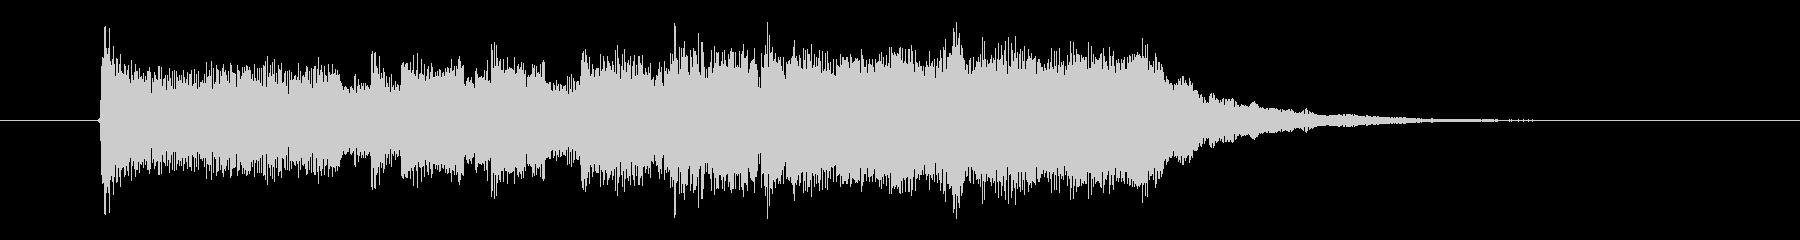 明るいポップスのジングル曲、サウンドロゴの未再生の波形